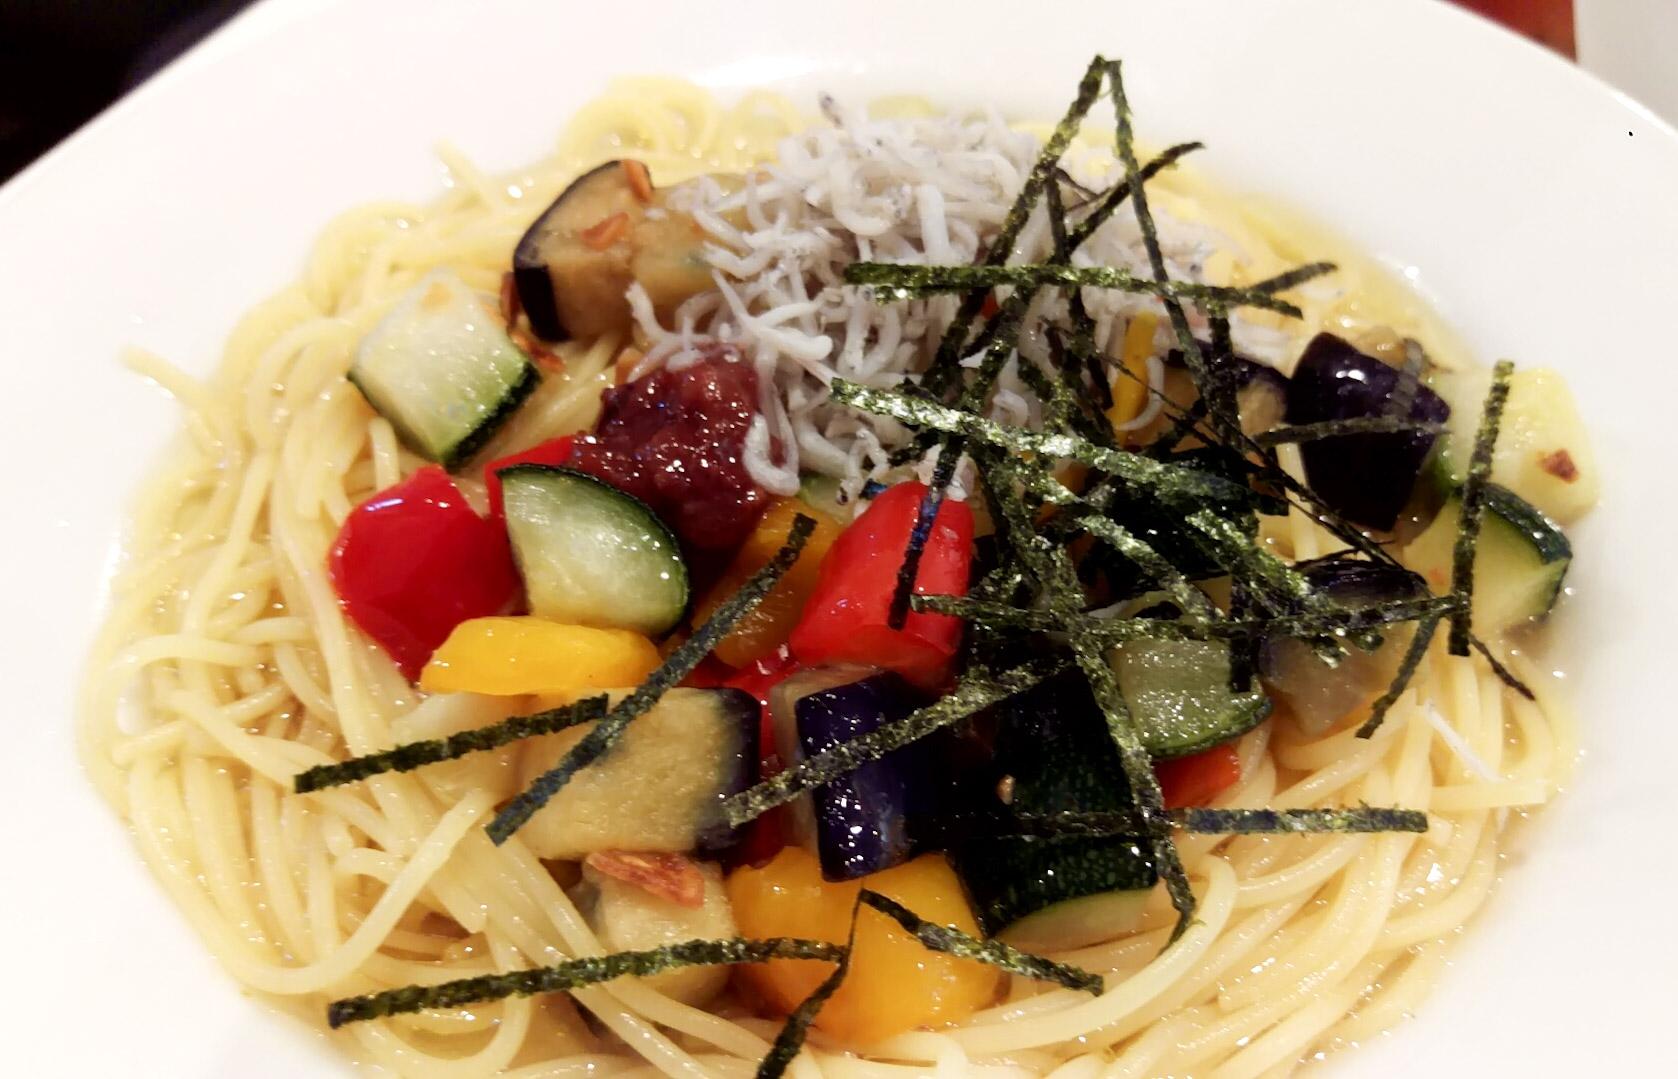 冷製パスタ。お味はペペロンチーノで、ガッツリニンニクがきいている